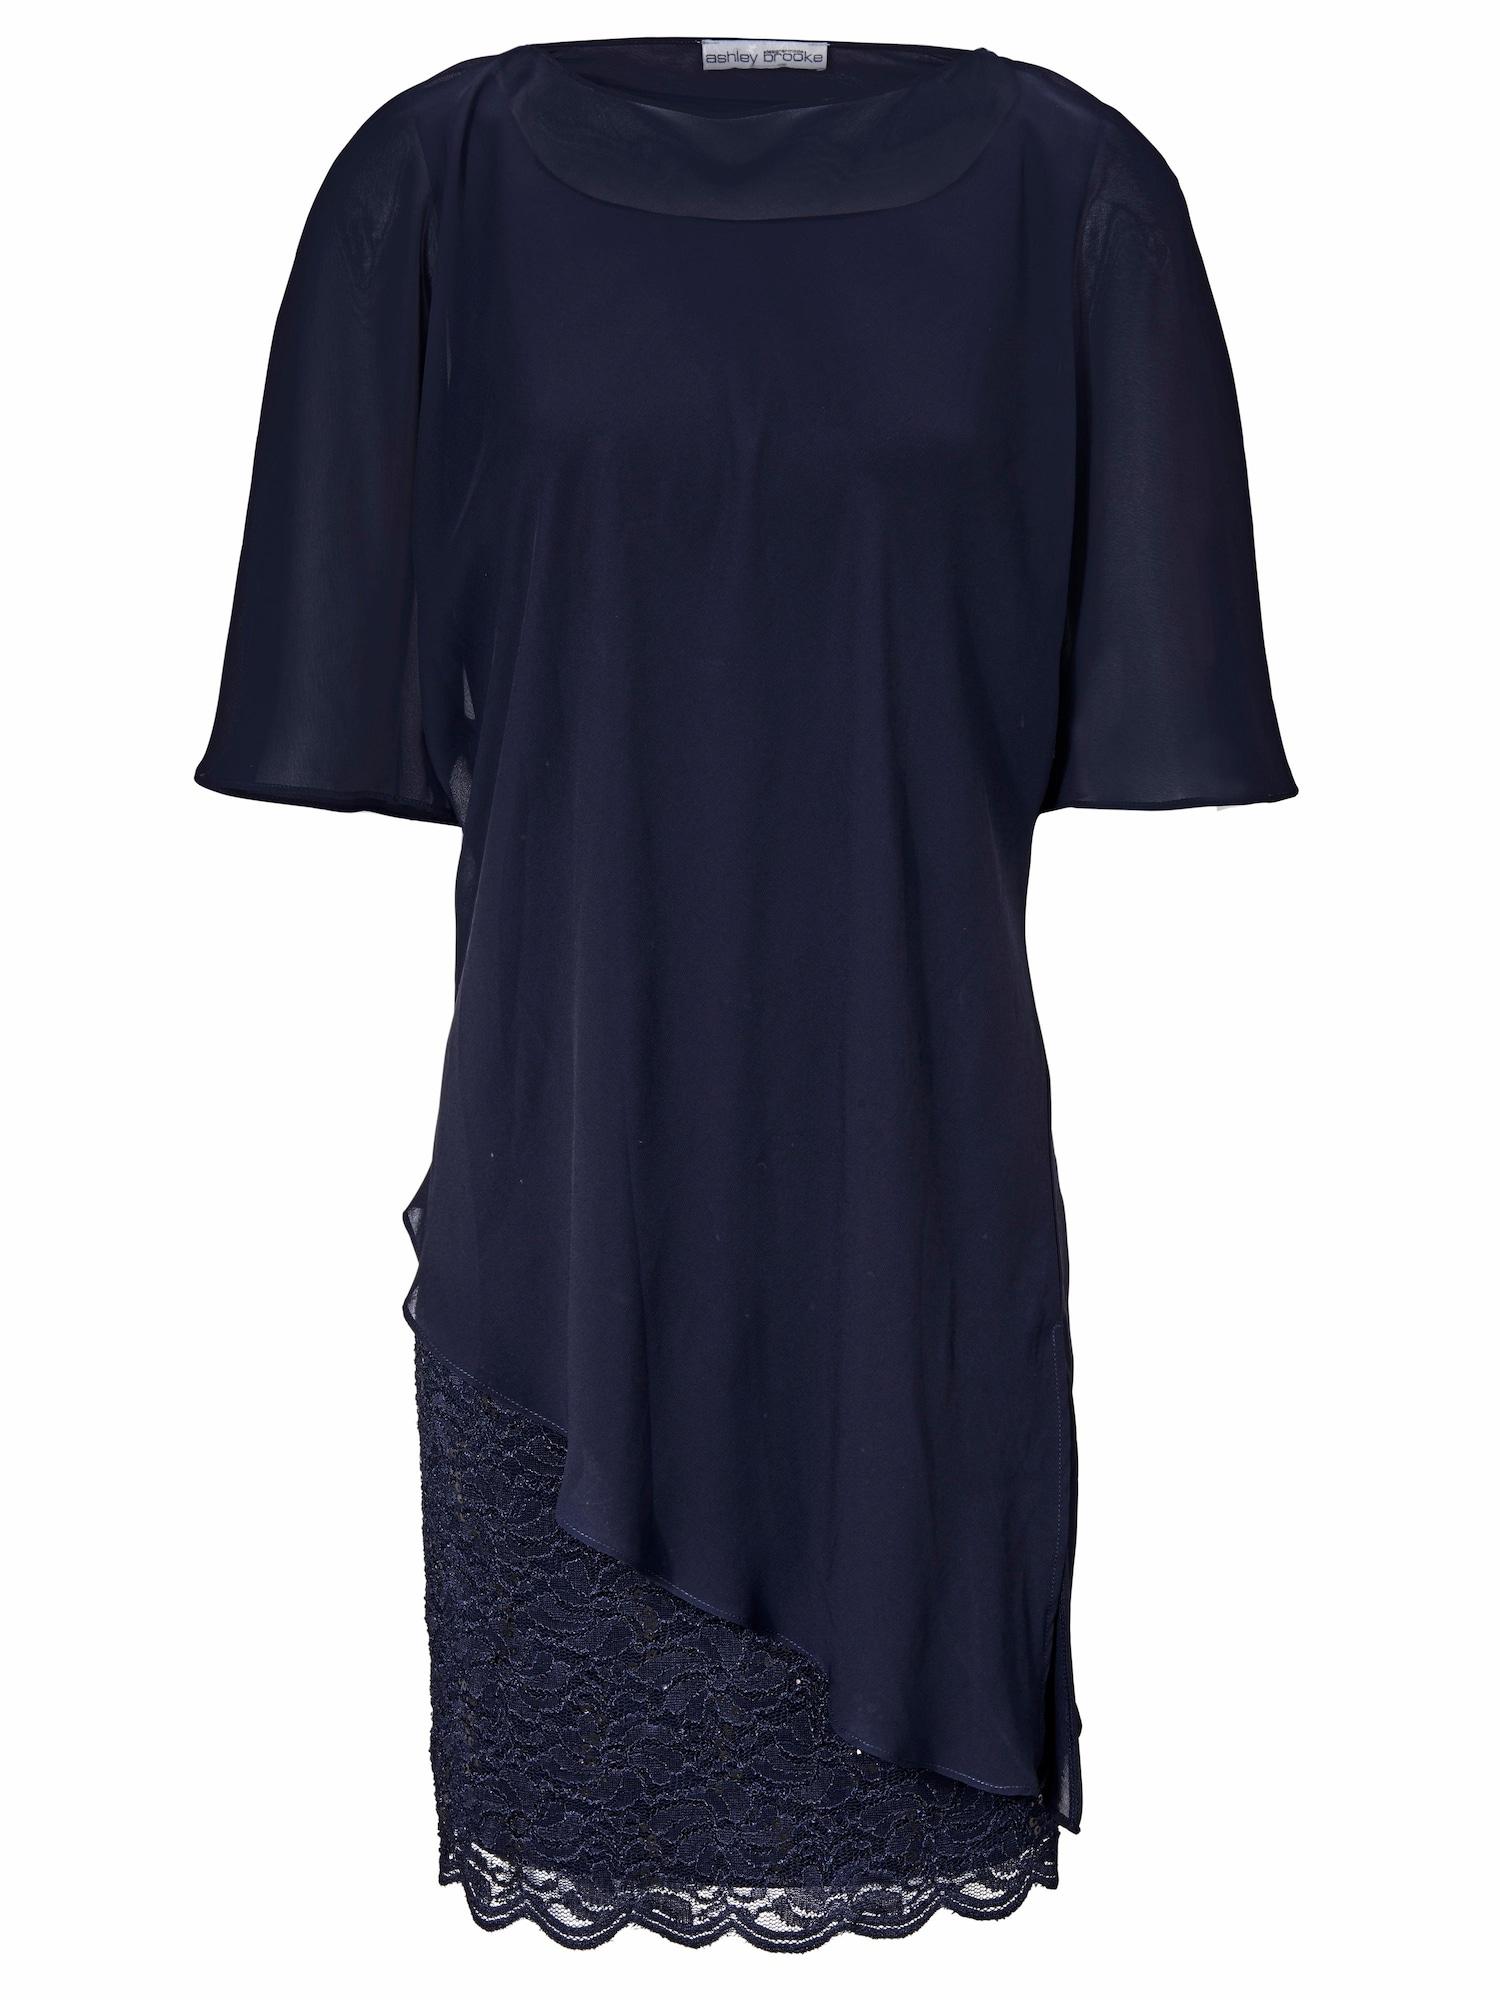 Spitzenkleid Lagen-Look | Bekleidung > Kleider > Spitzenkleider | heine